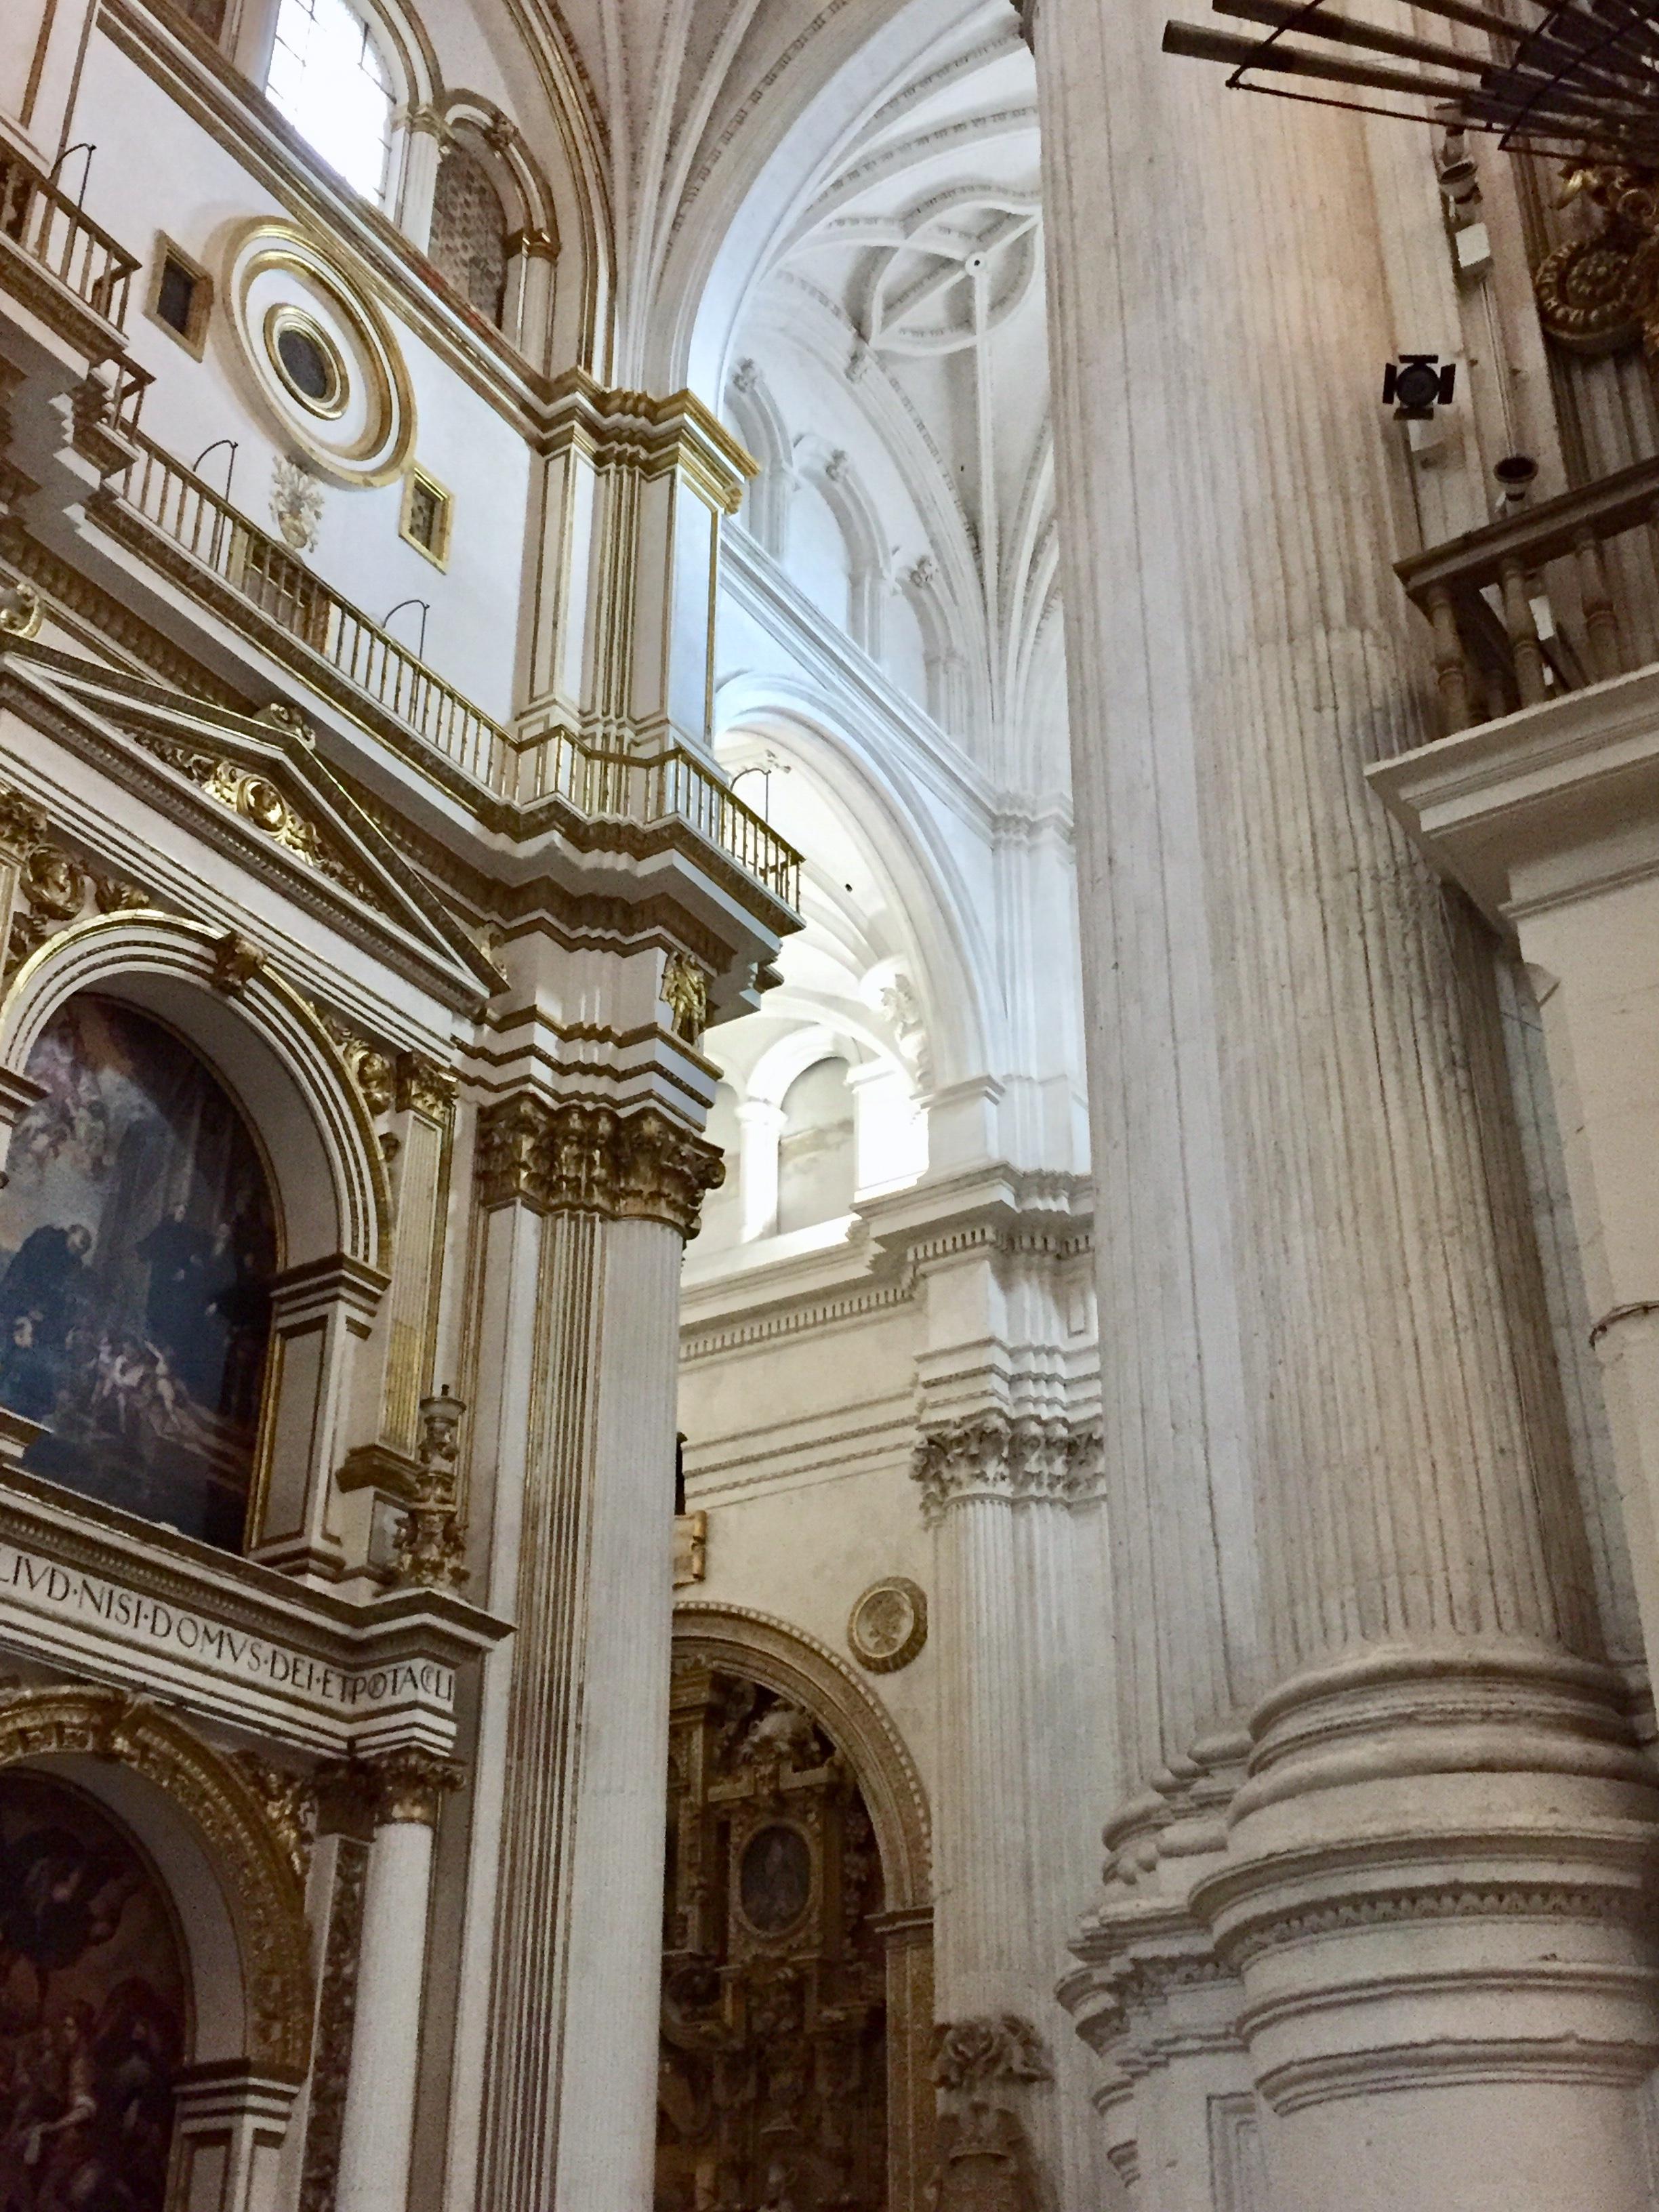 グラナダの大聖堂、イスラム教徒の追放、レコンキスタのあと15世紀に建てられた。